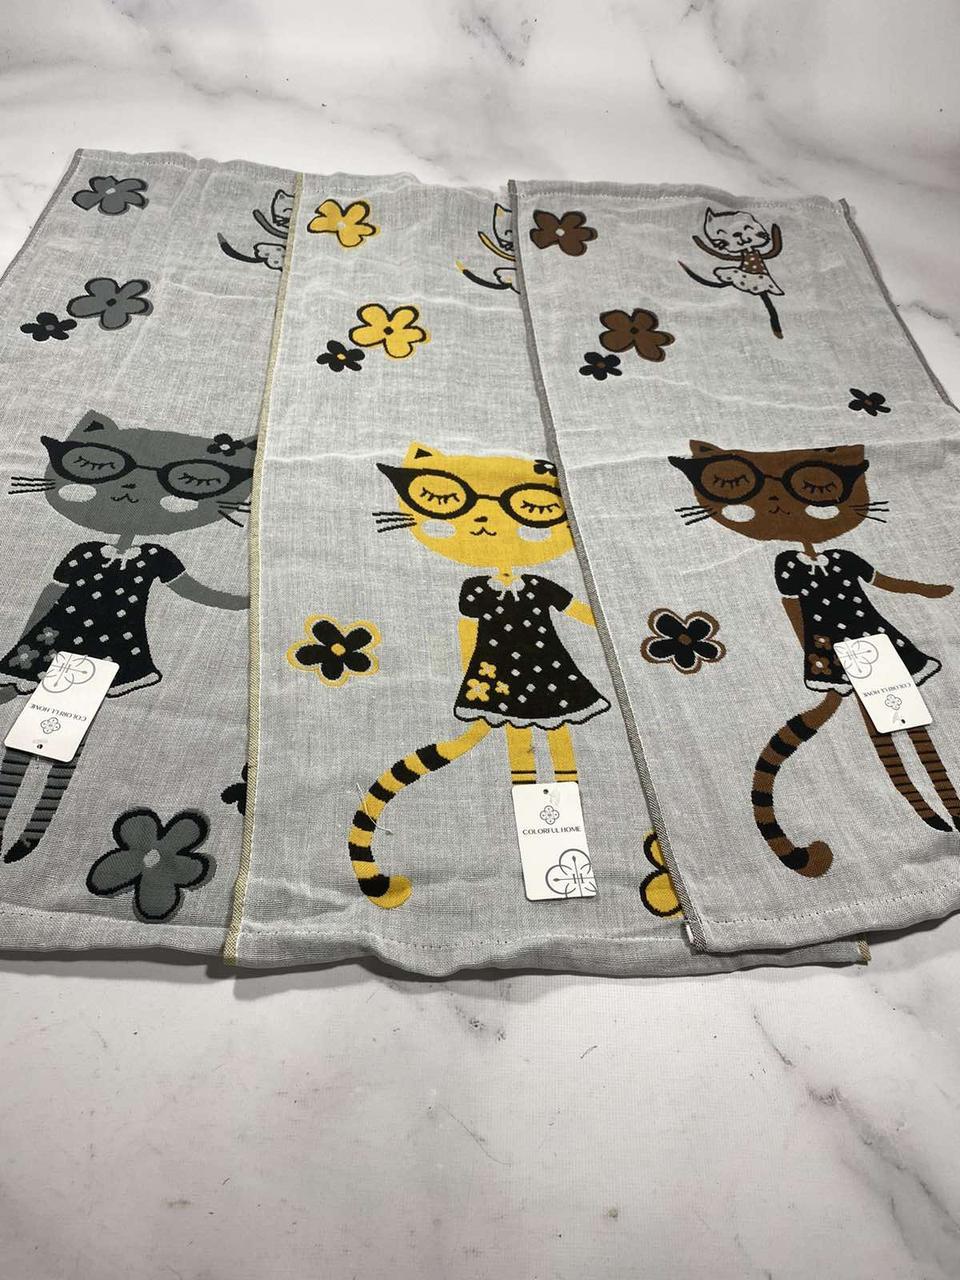 Полотенце кухонное лен Р.р 35*70 см (кот в очках)